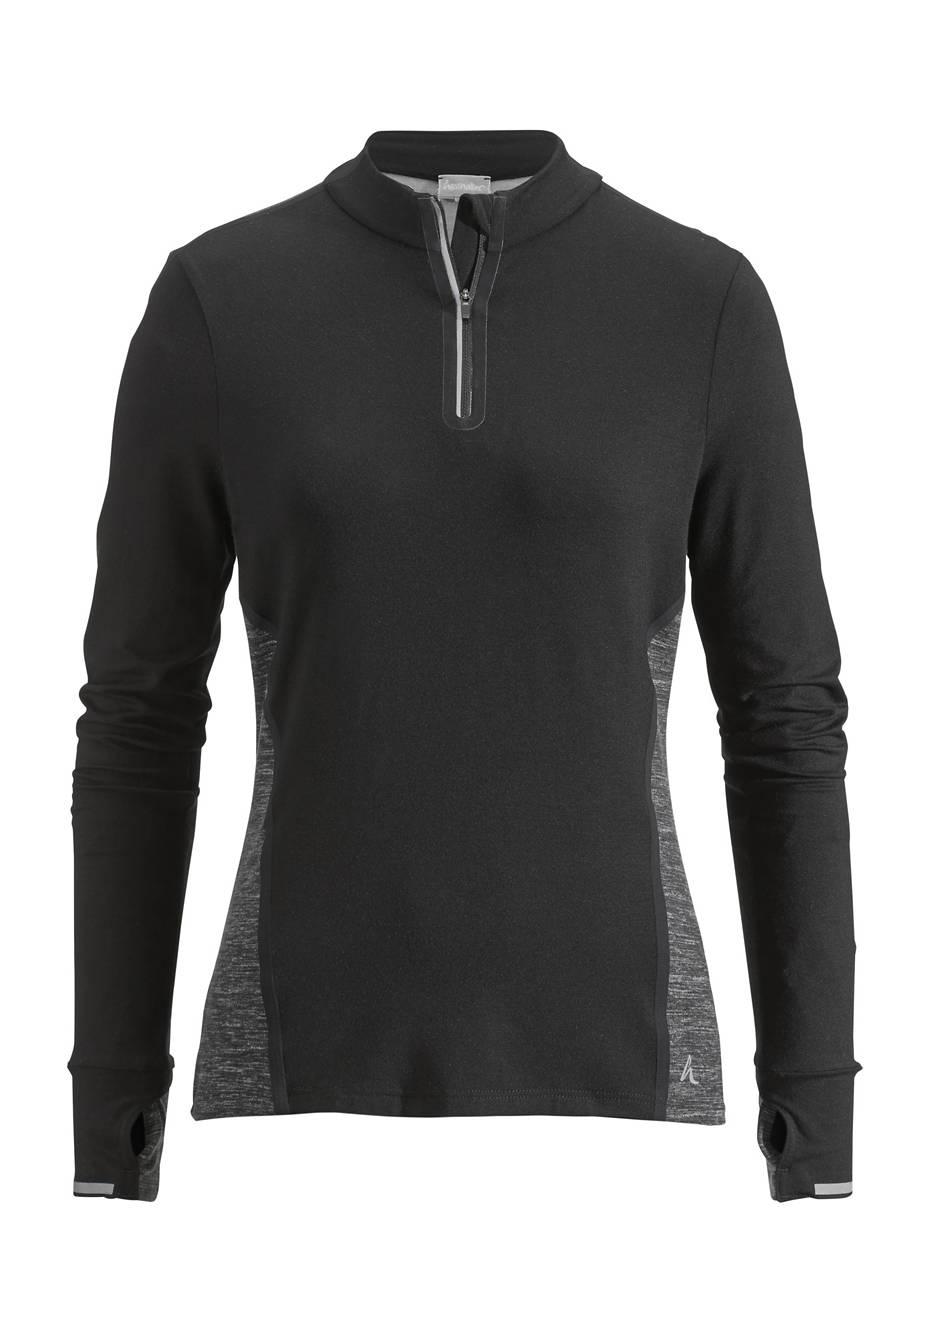 Damen Running Shirt